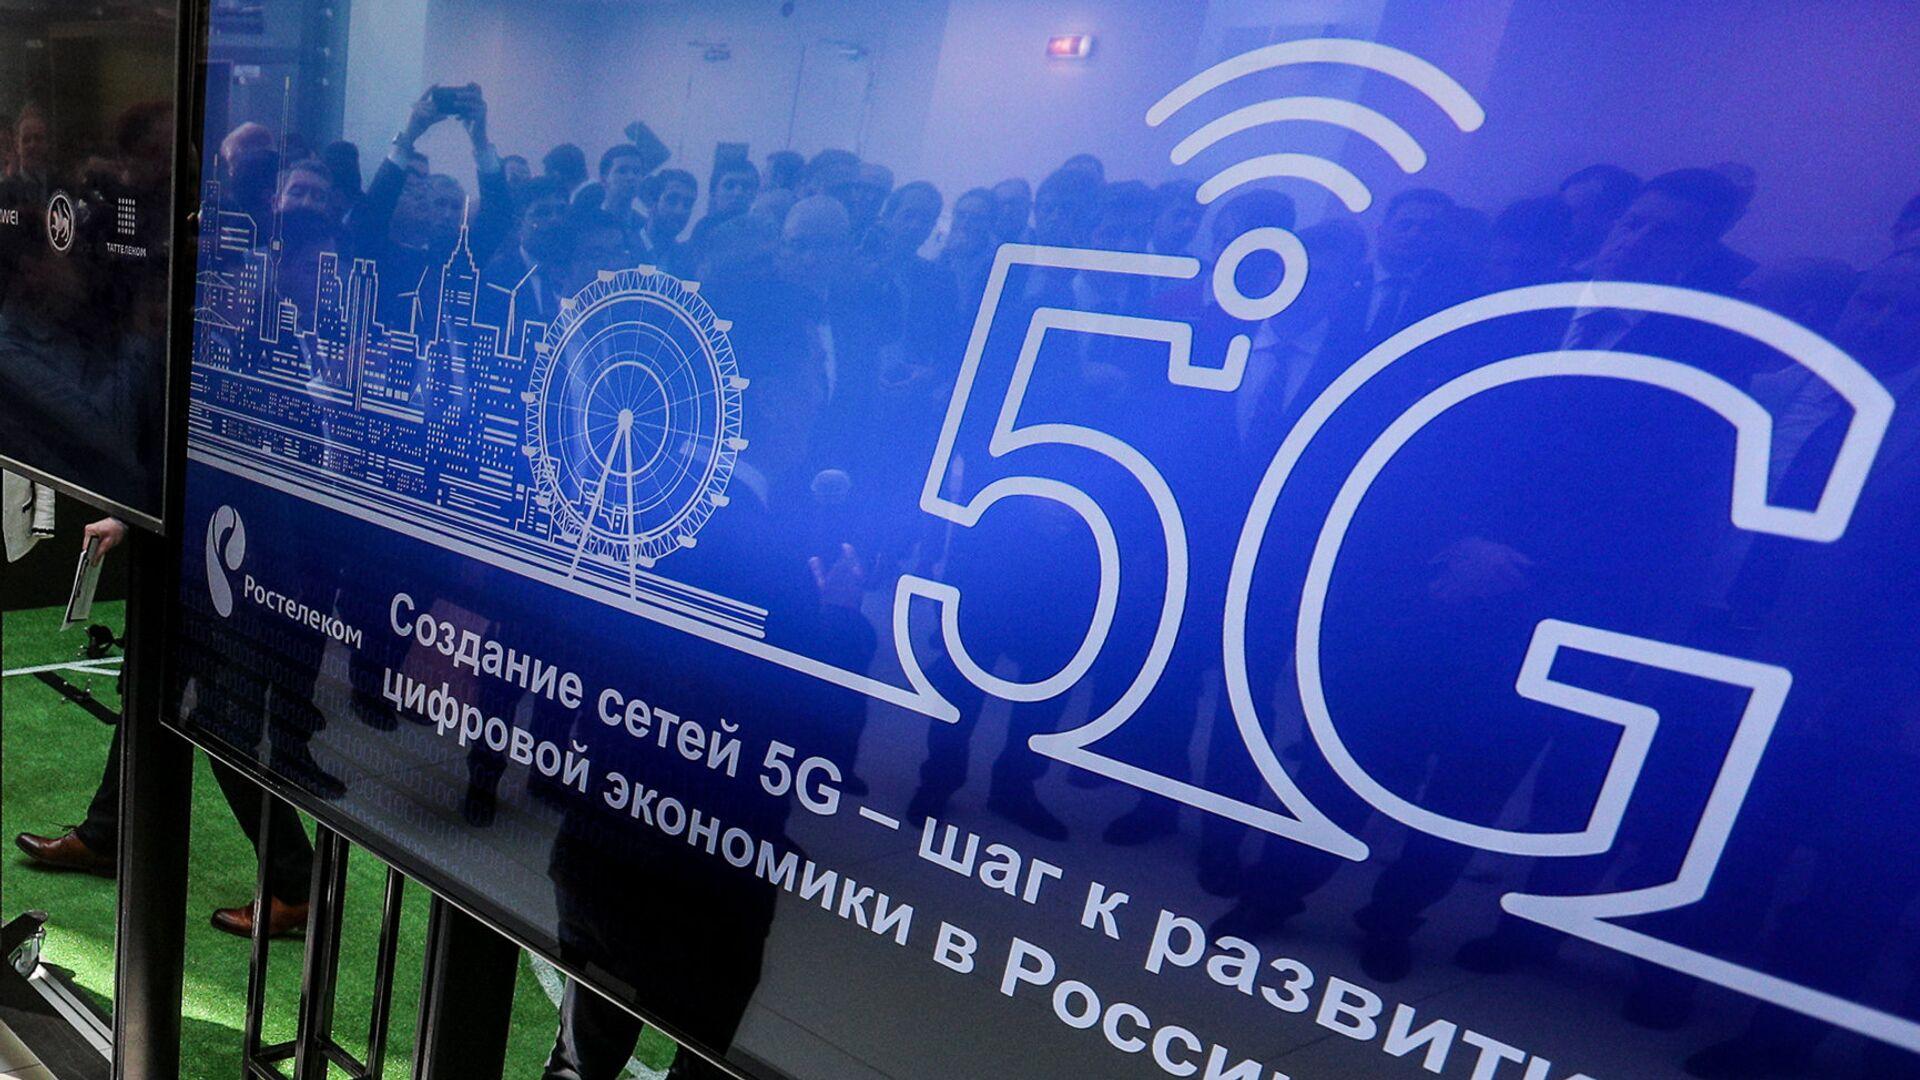 Открытие опытной зоны сети нового поколения технологии 5G в Иннополисе  - РИА Новости, 1920, 16.10.2020